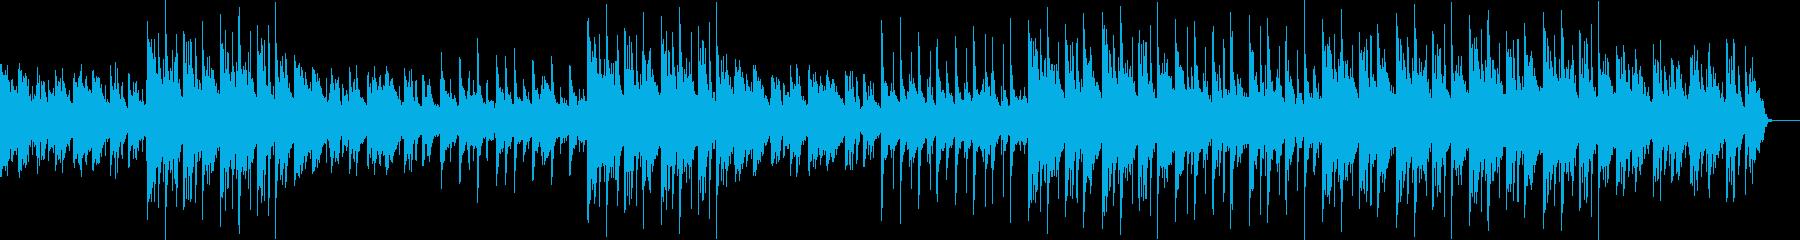 ピアノの音色が美しいゆったりした曲の再生済みの波形